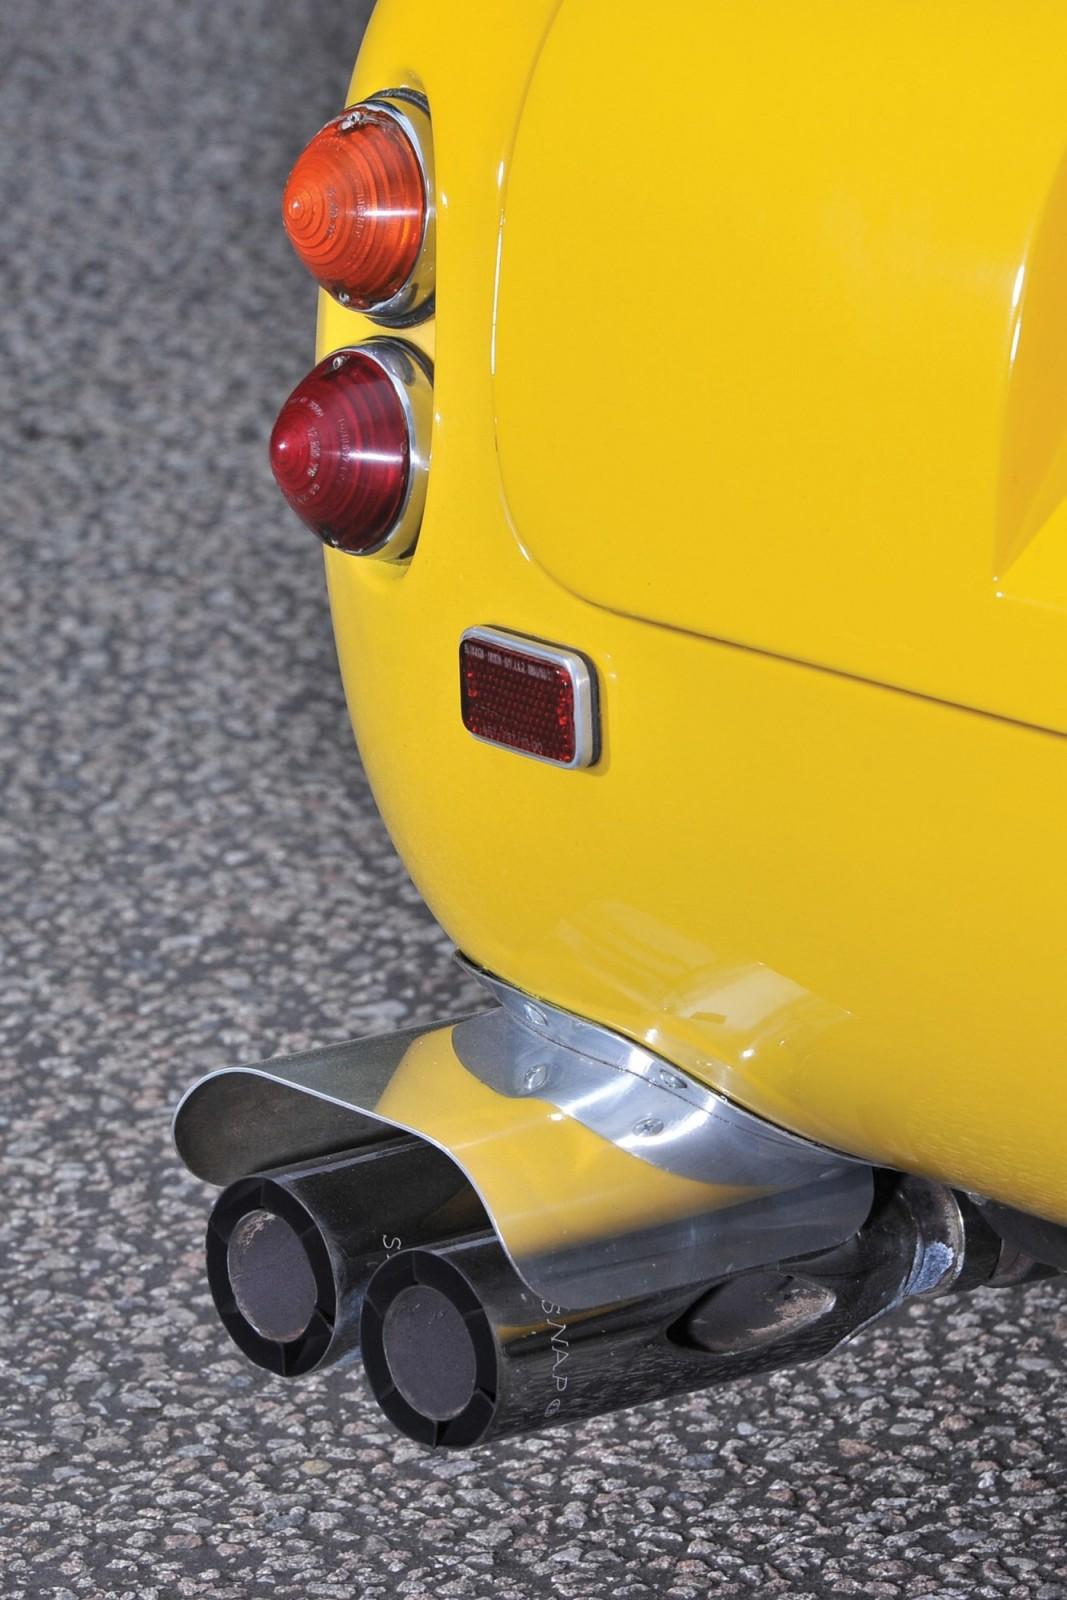 RM Villa Erba 2015 - 1960 Ferrari 250GT Berlinetta Competizione SWB Alloy by Scaglietti 11